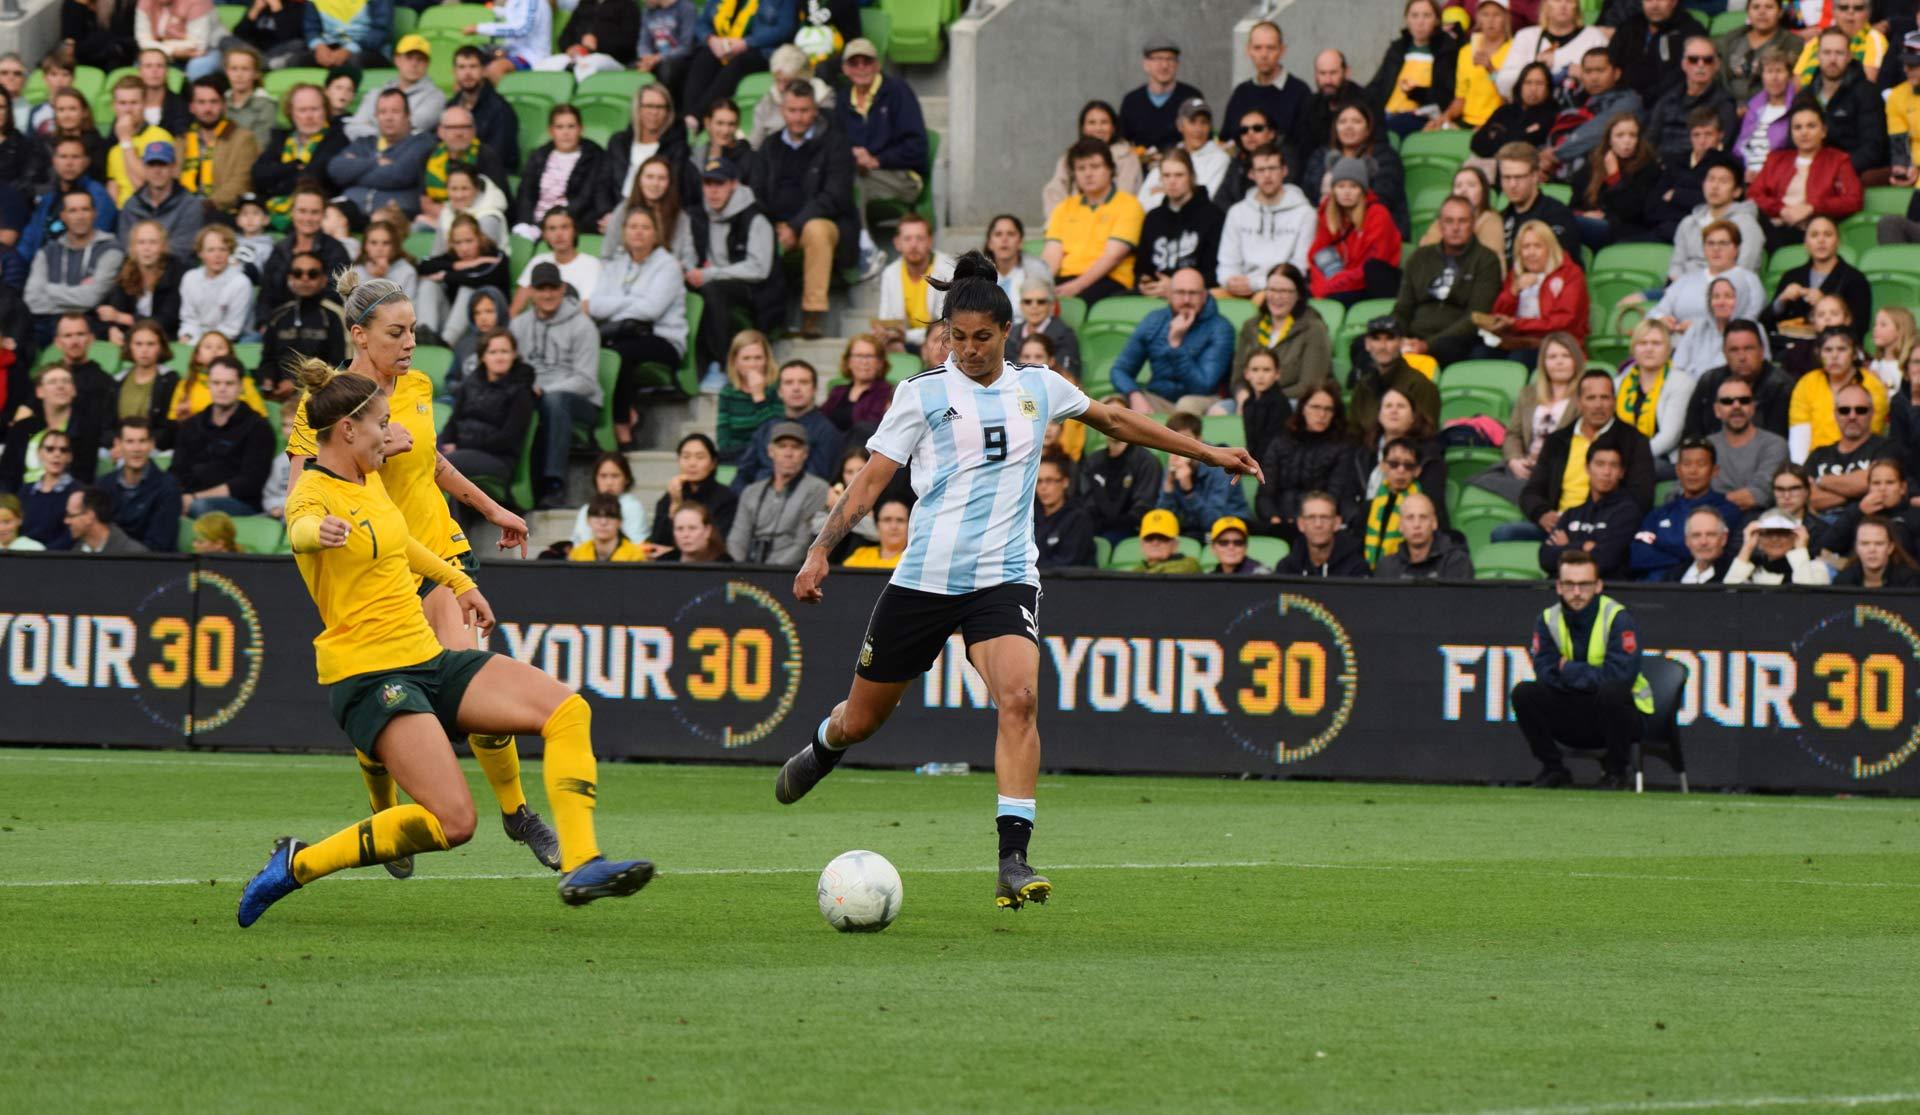 El mundial de las pibas: Argentina enfrentará a Escocia en un partido histórico - Radio Cantilo